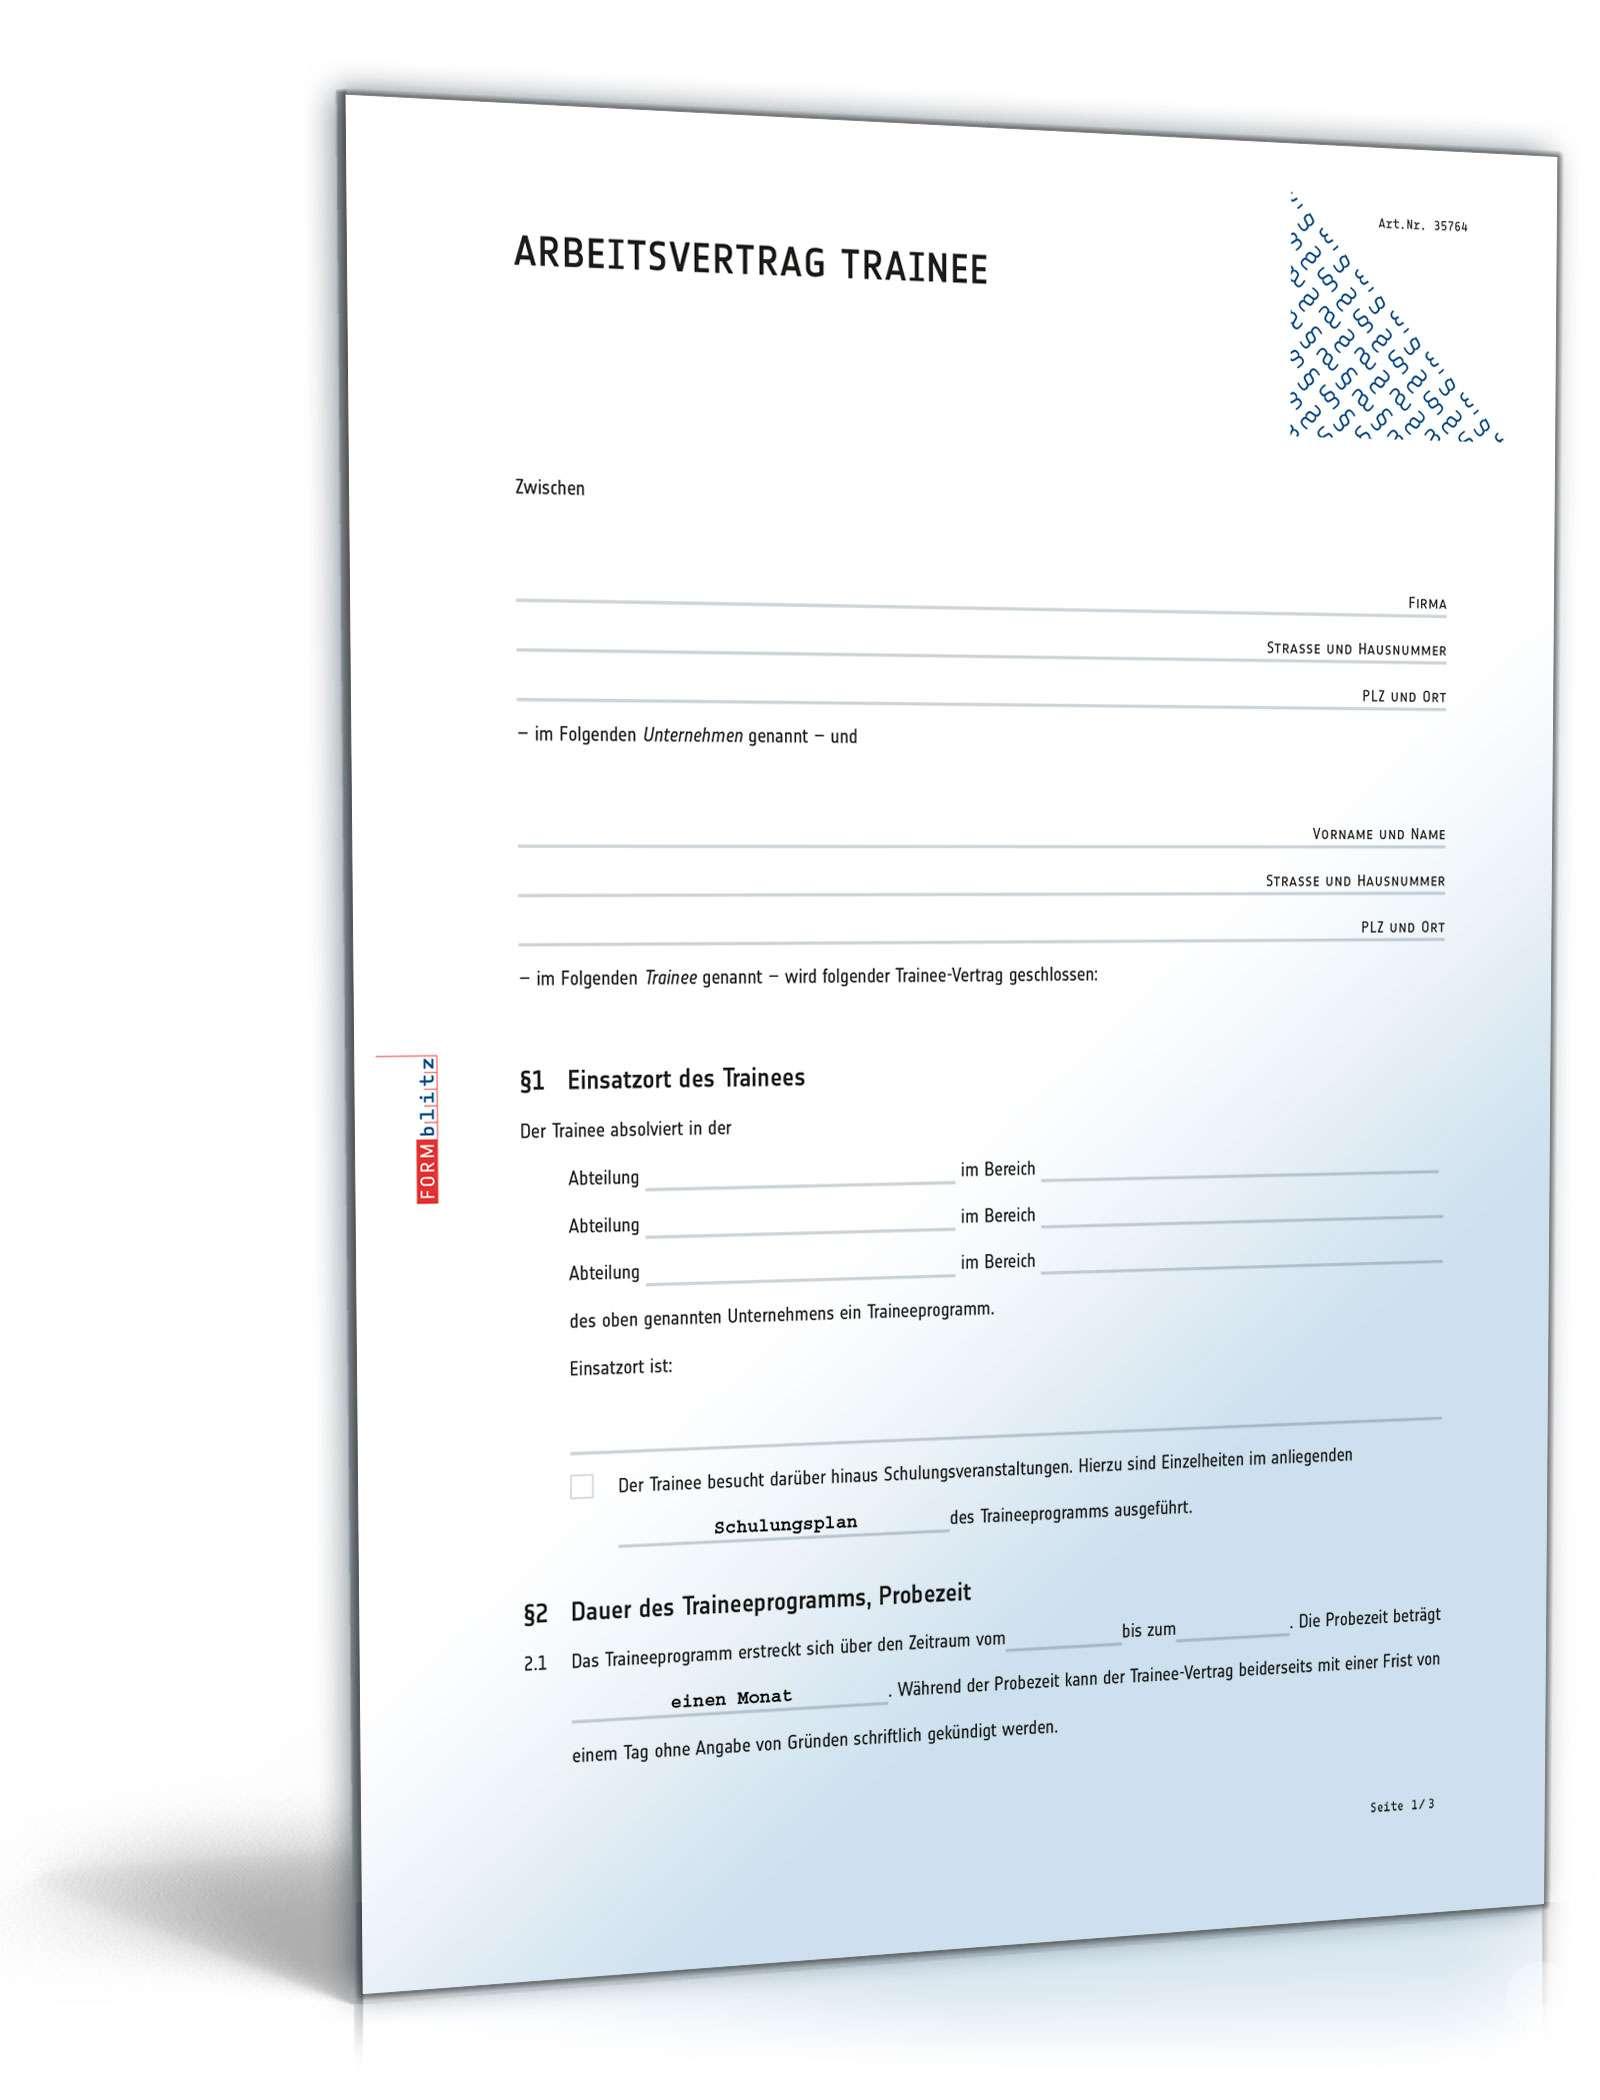 Arbeitsvertrag Trainee Anwaltsgeprüftes Muster Zum Download